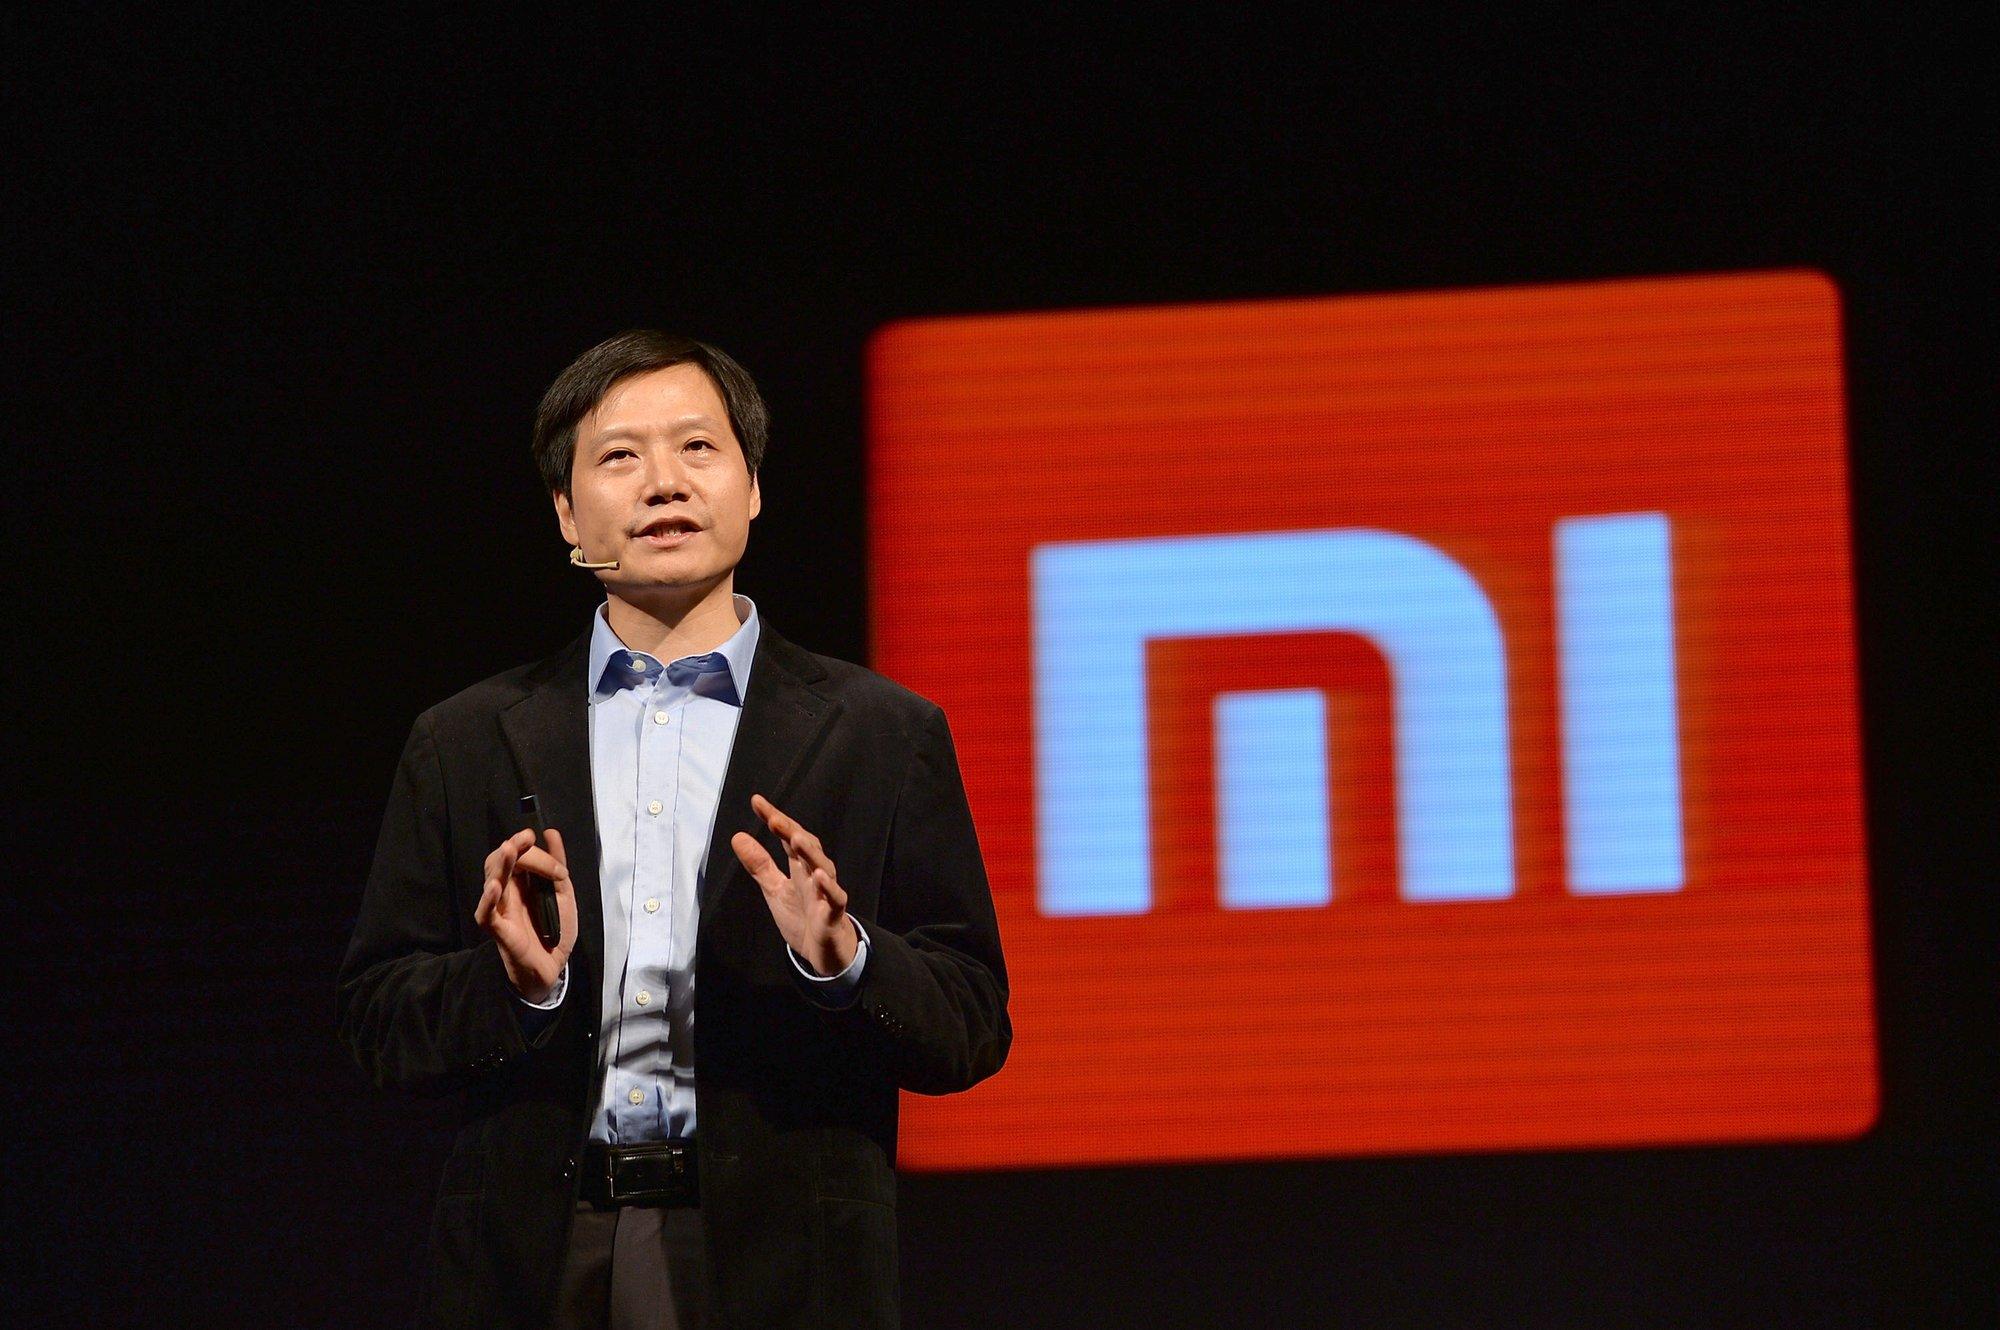 Xiaomi szykuje smartfon z naprawdę dużym ekranem. I przeprowadza ankietę, aby wybrać jego nazwę 20